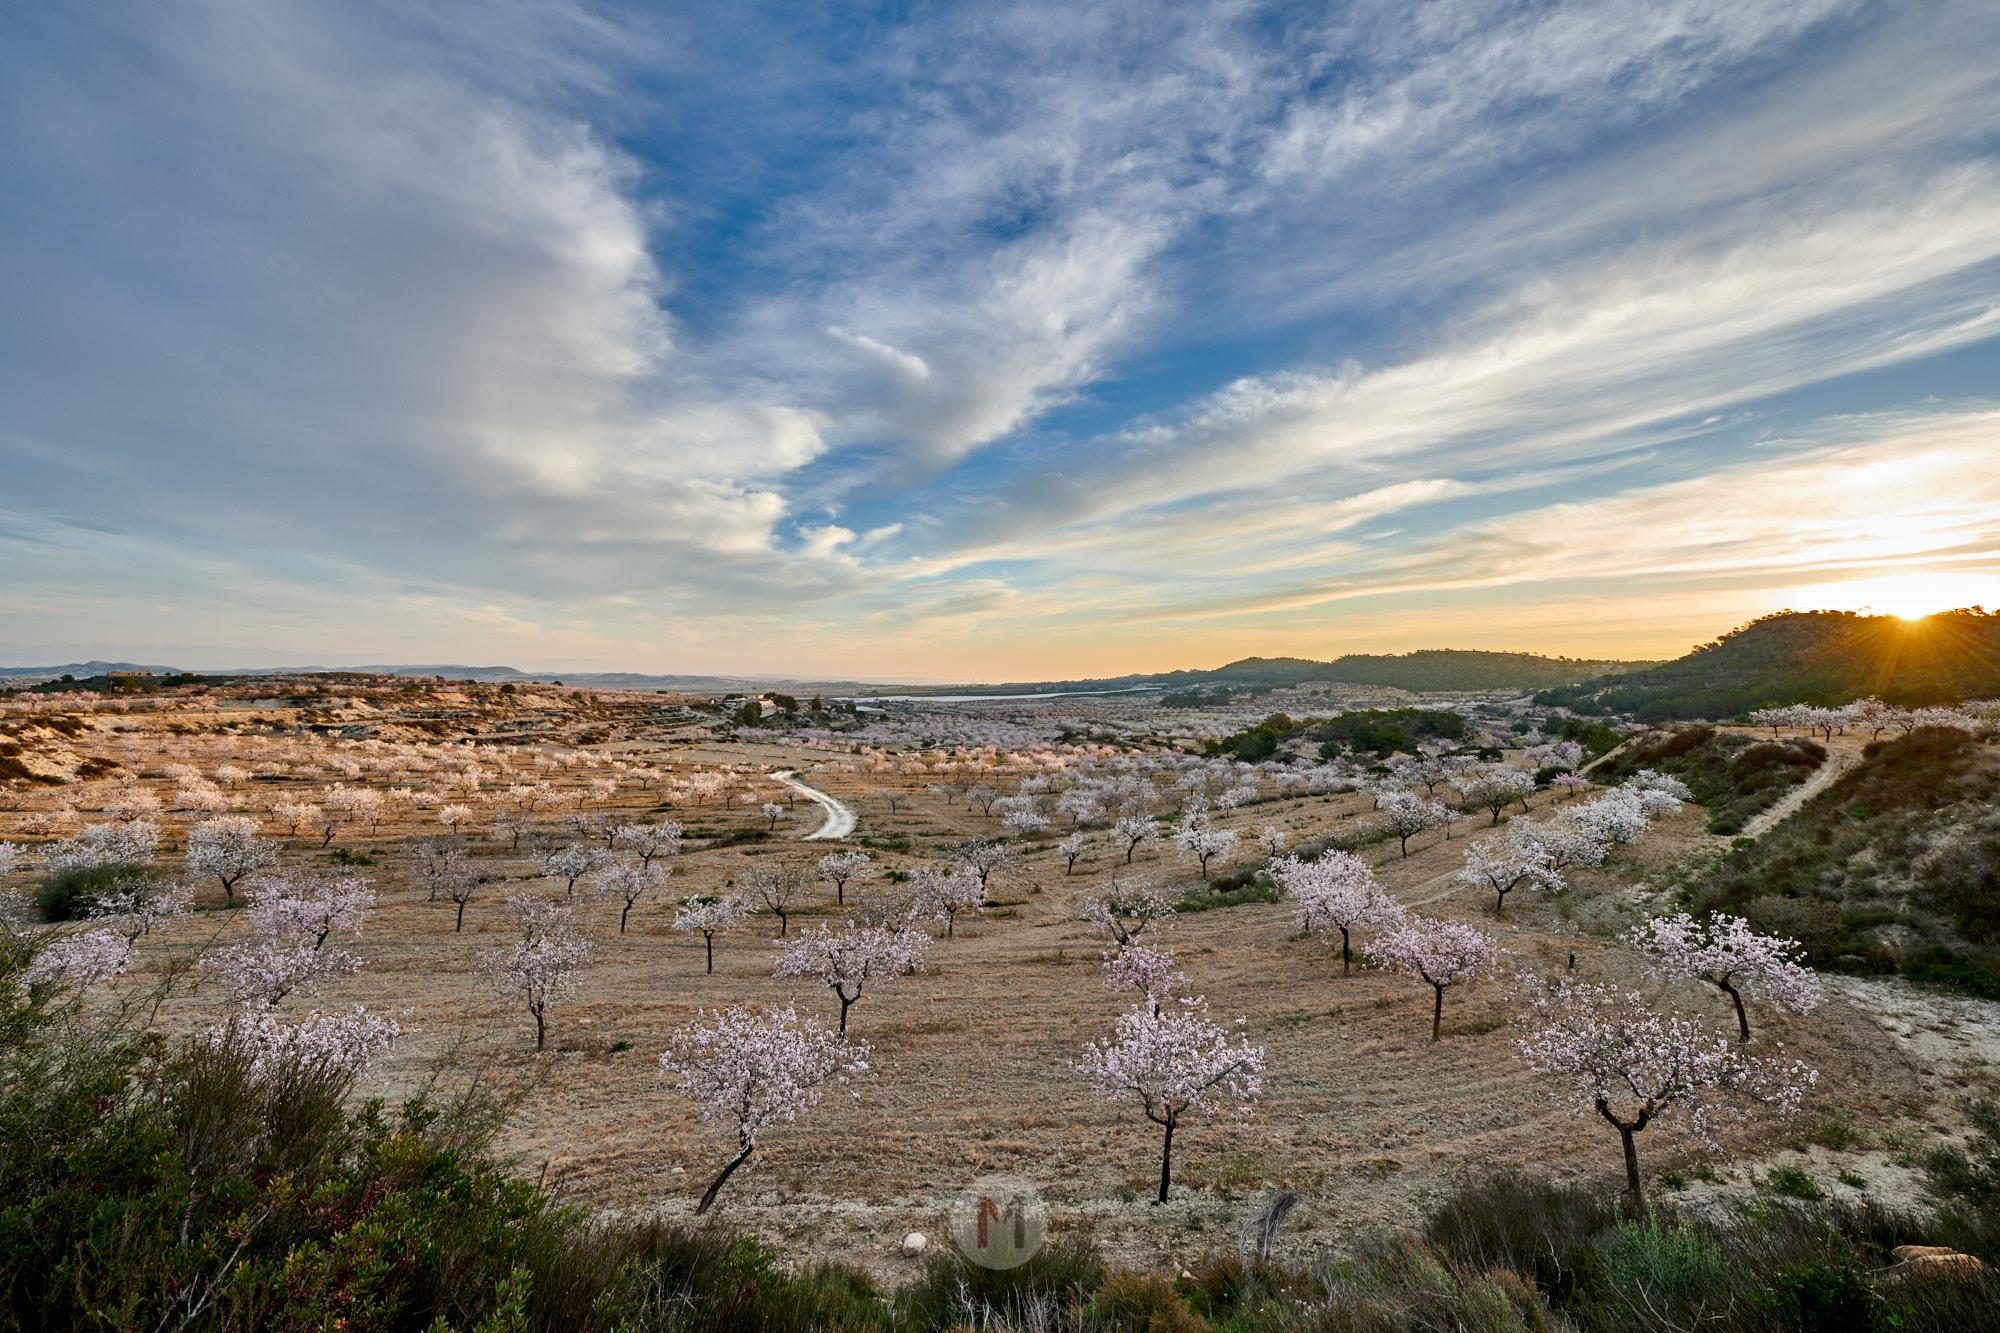 Zum Sonnenaufgang bei der Mandelblüte an der Costa Brava, Spanien by ACHIM MEURER.